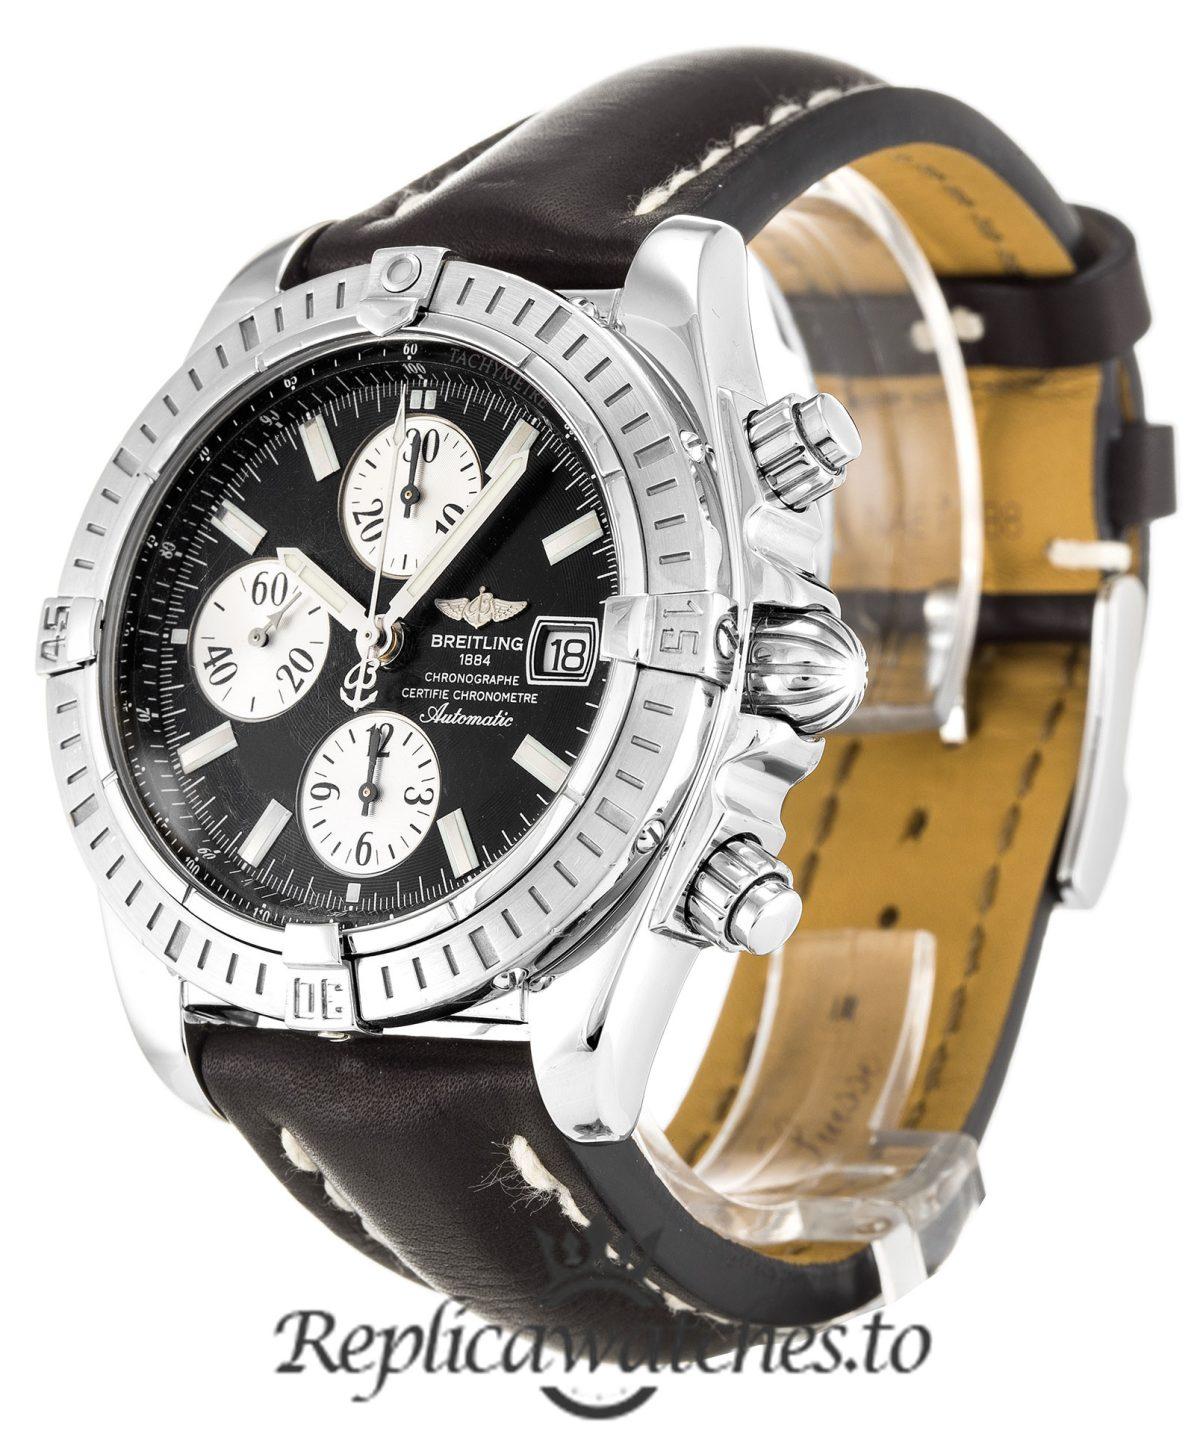 Breitling Chronomat Replica A13356 Black Dial 43.7MM